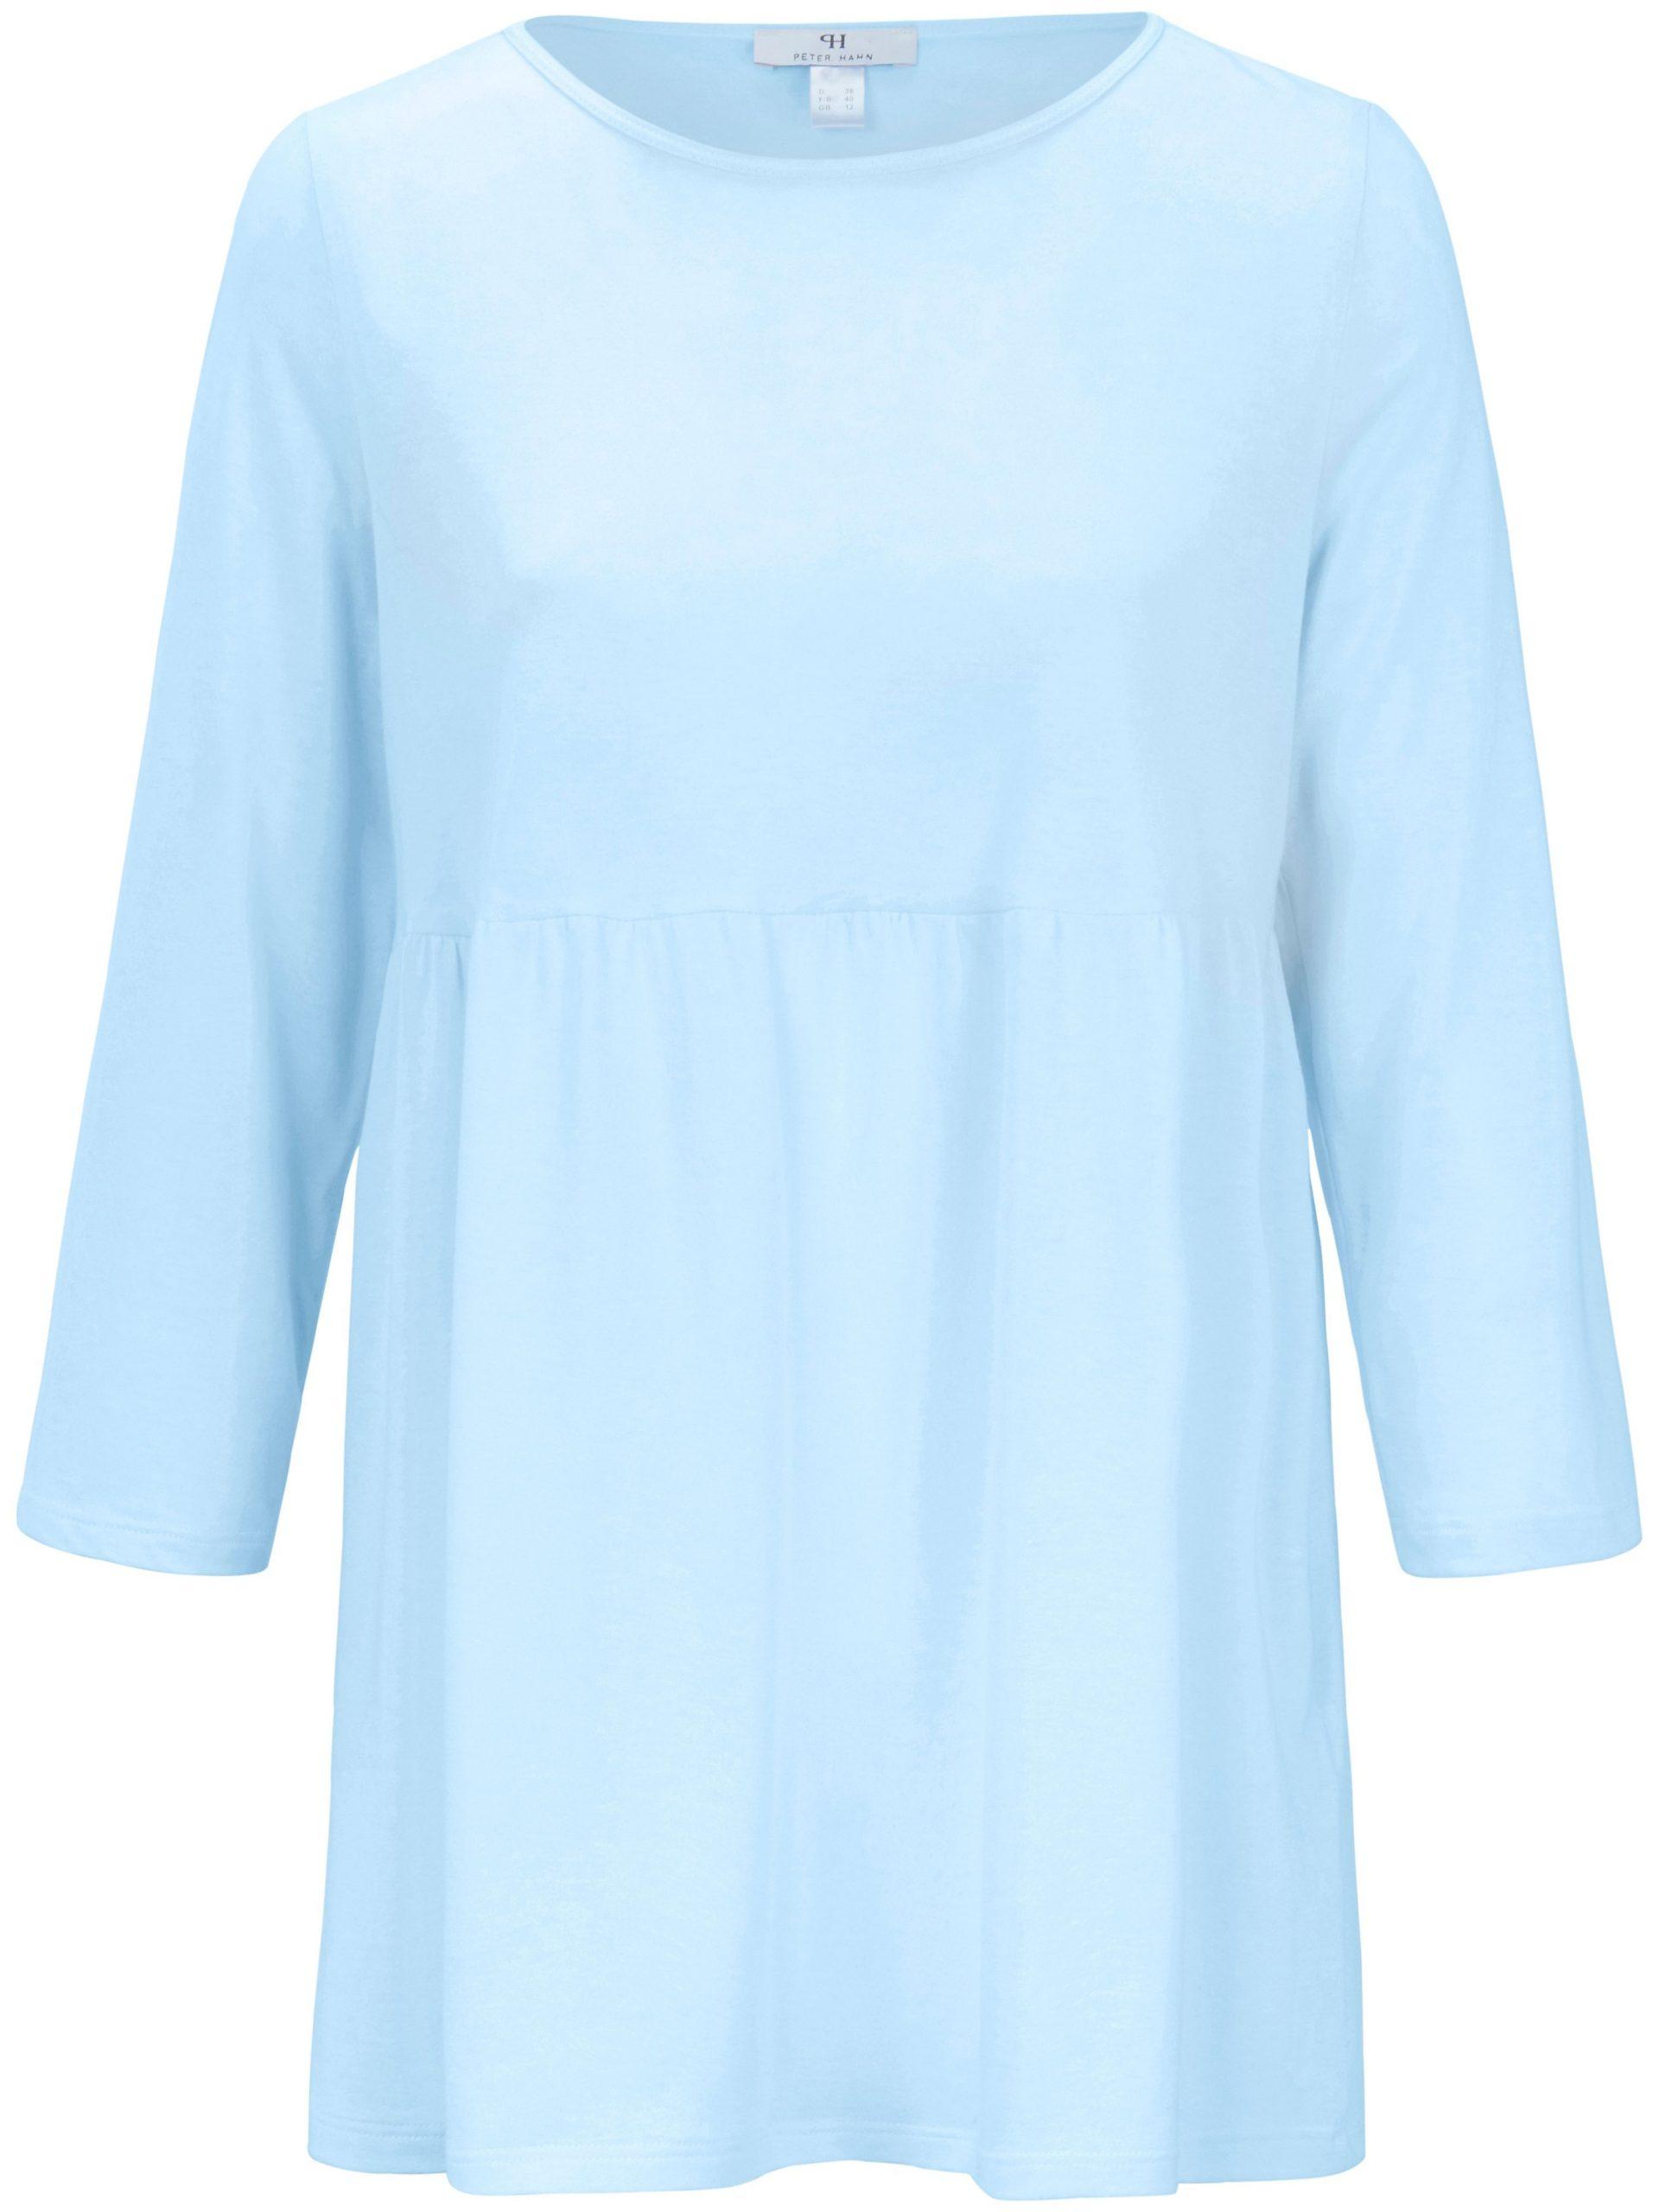 Pyjama Van Peter Hahn blauw Kopen